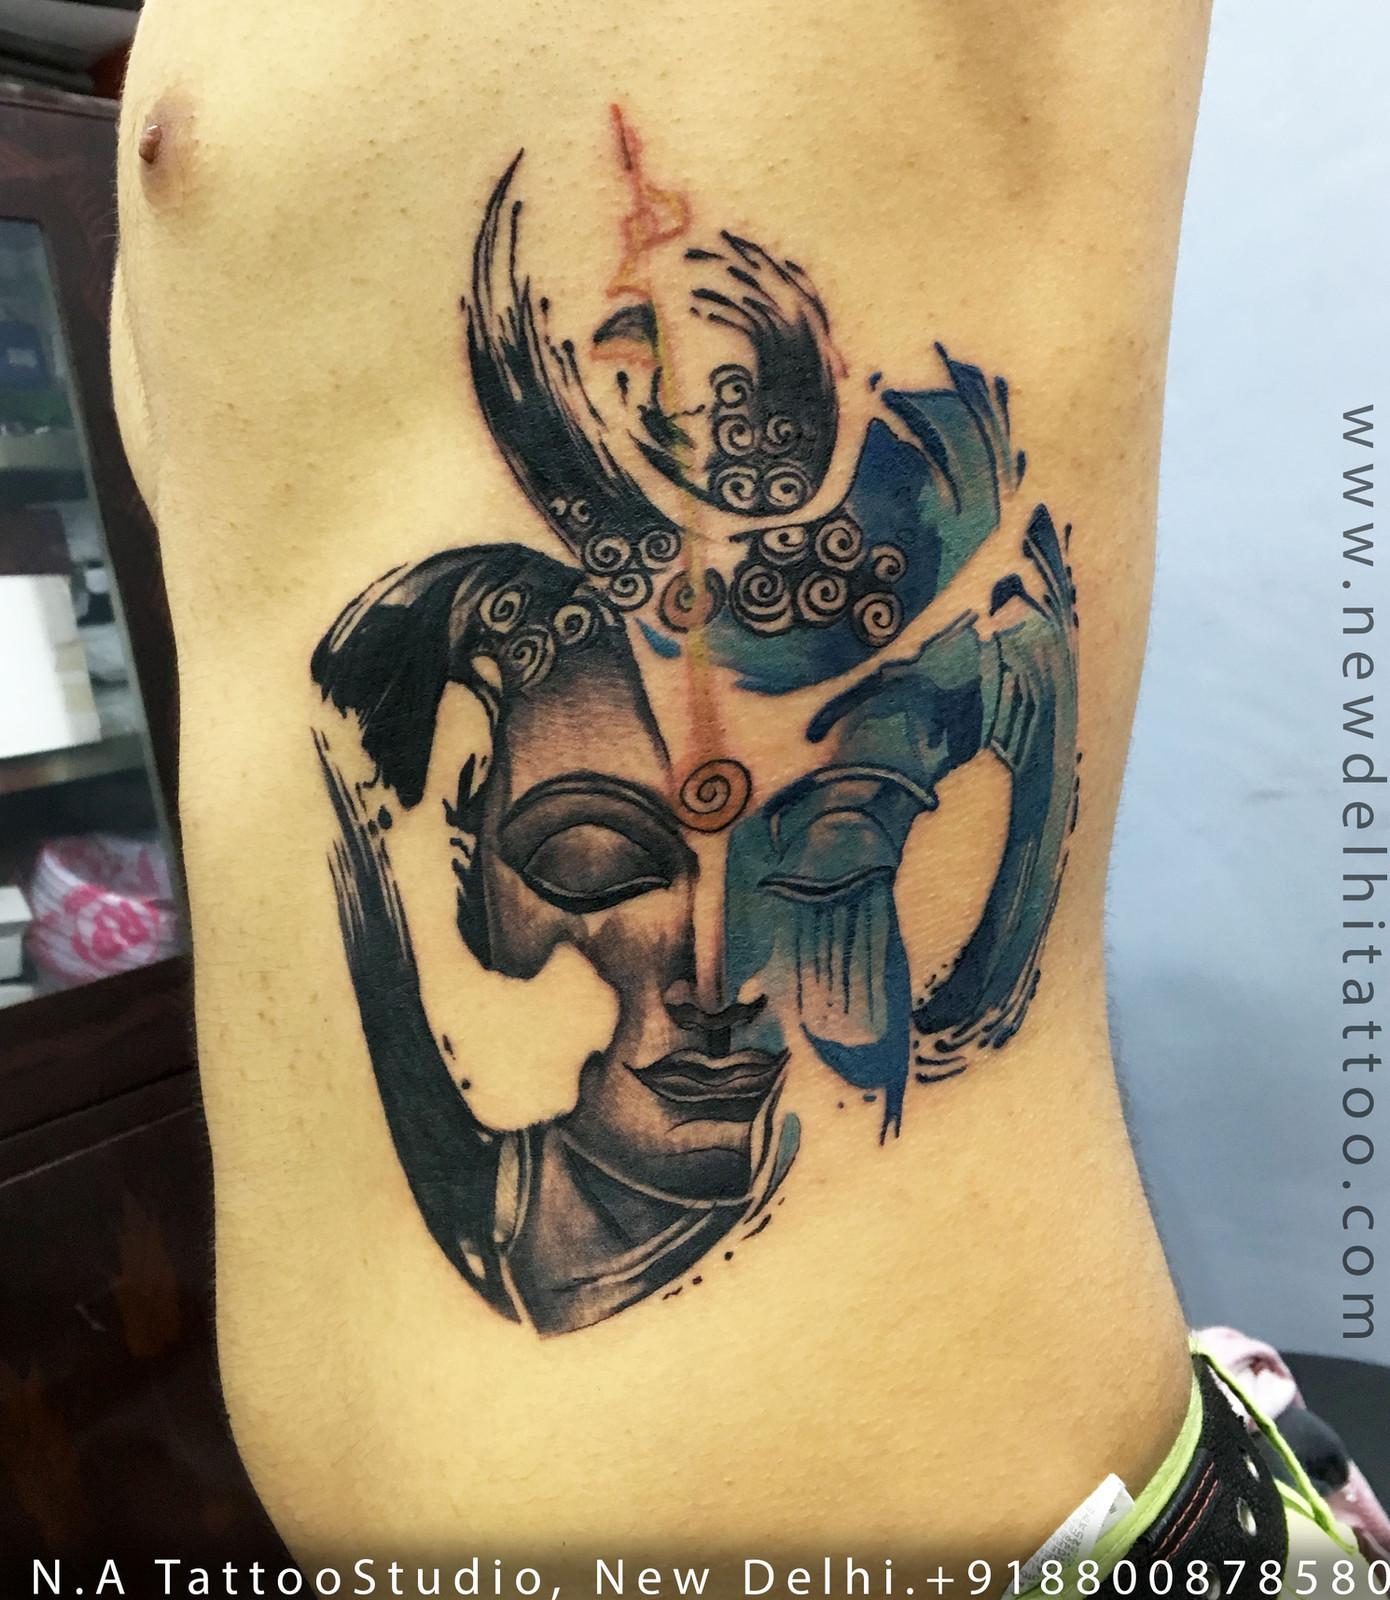 Tattoo Designs Kolkata: Best Tattoo Studio In New Delhi